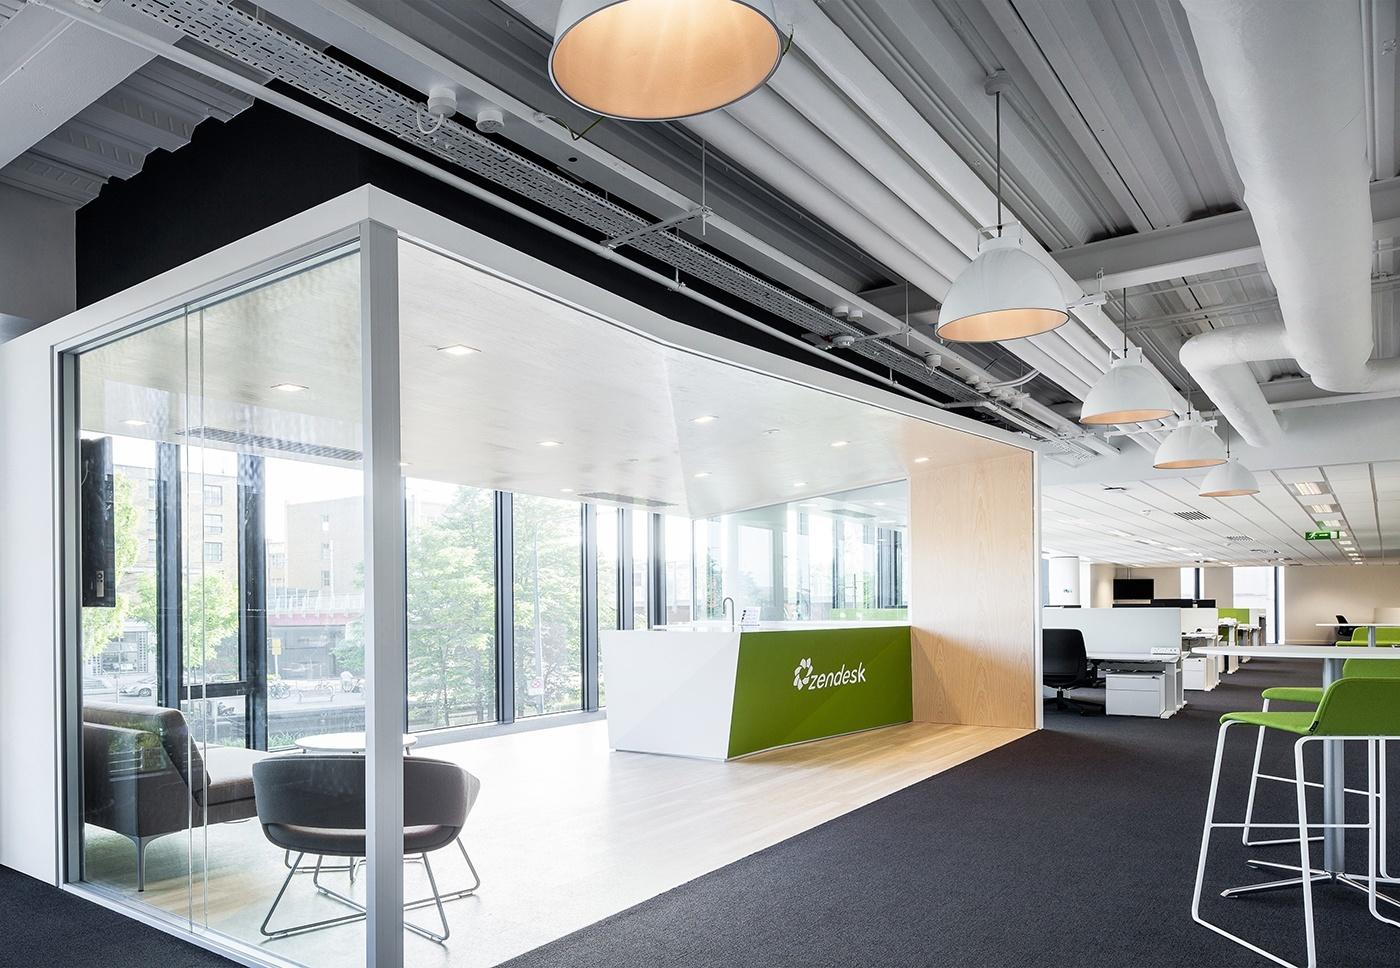 zendesk-office-dublin-2